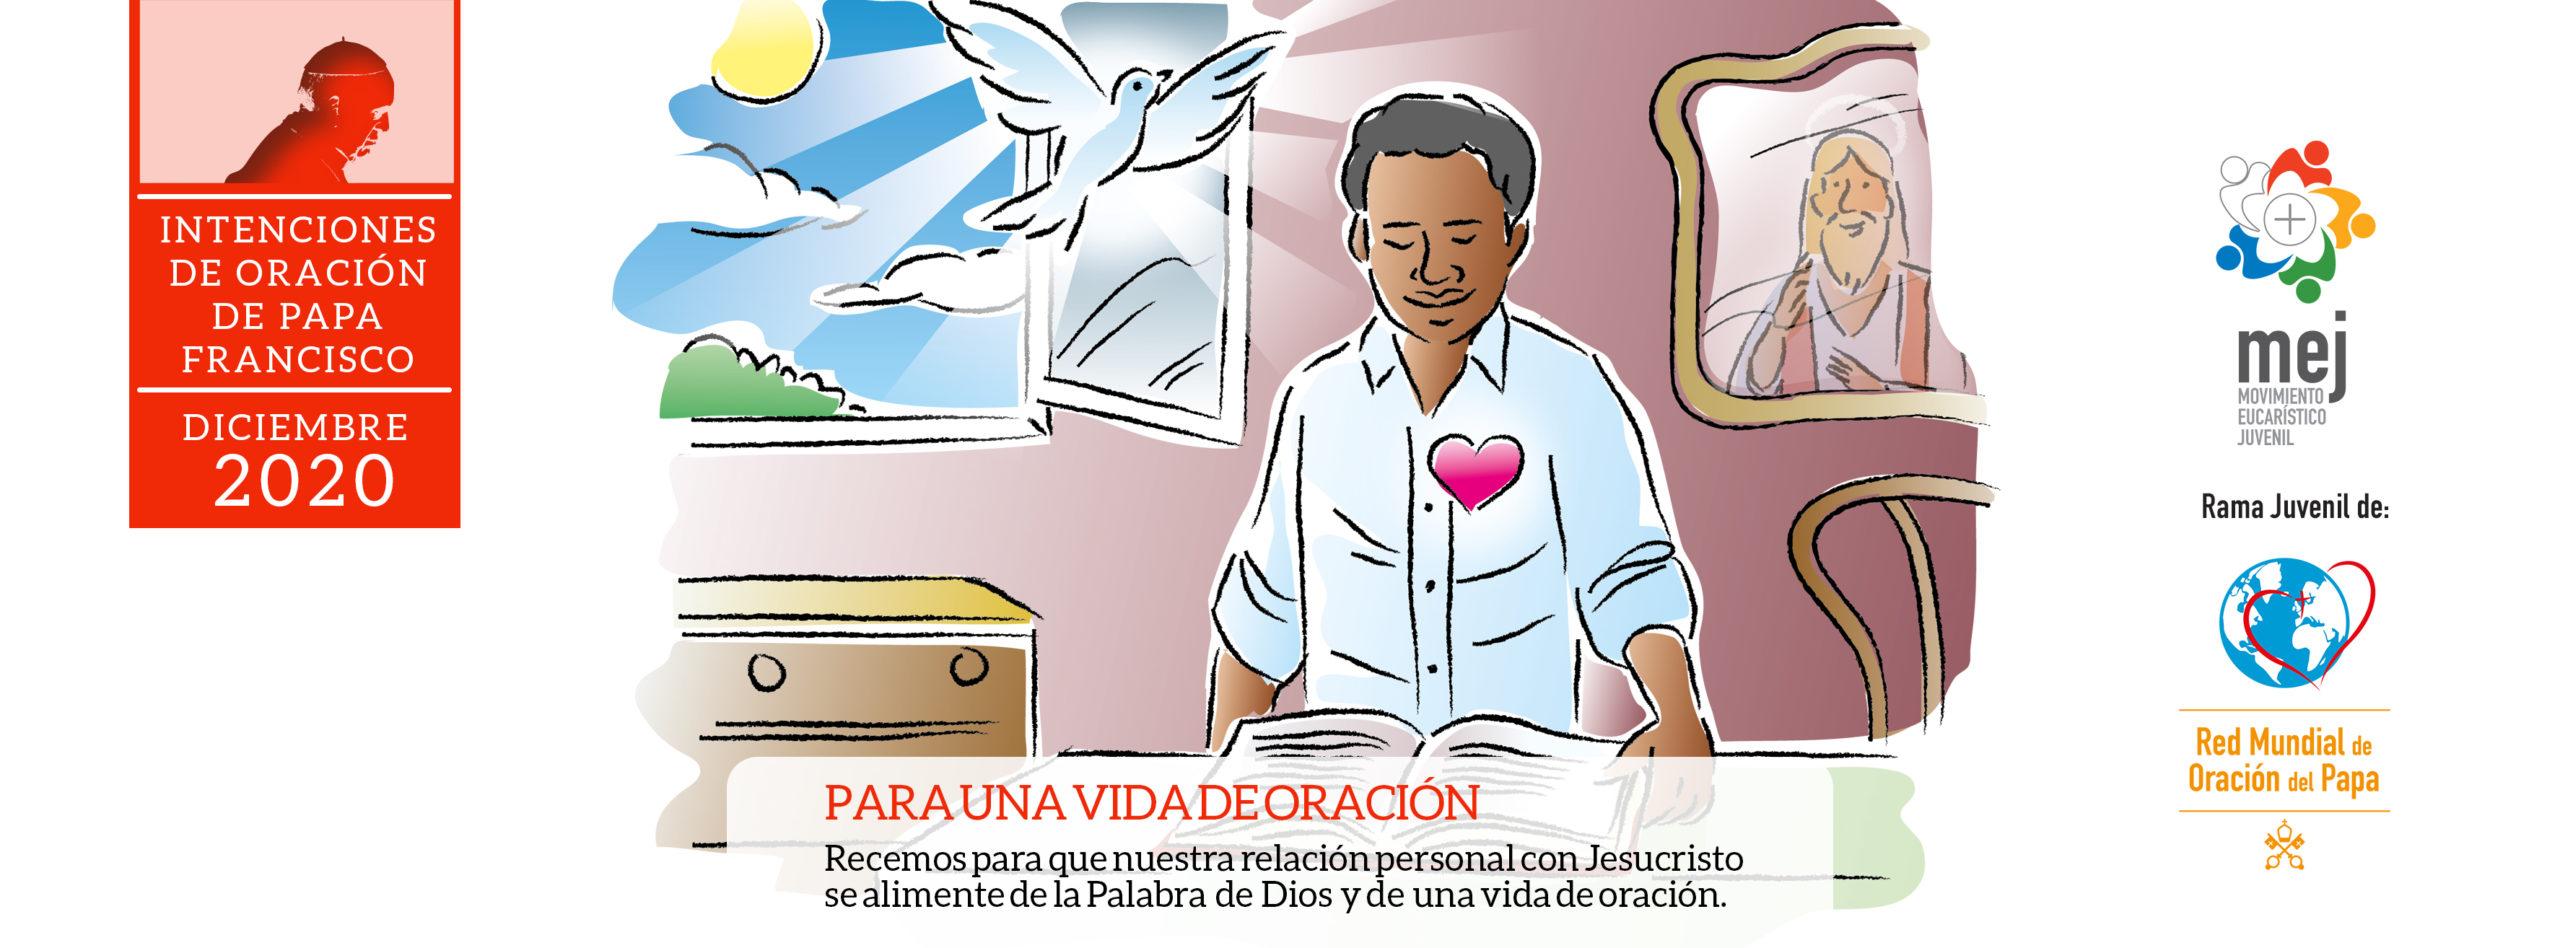 Intención de oración diciembre 2020 Ilustración